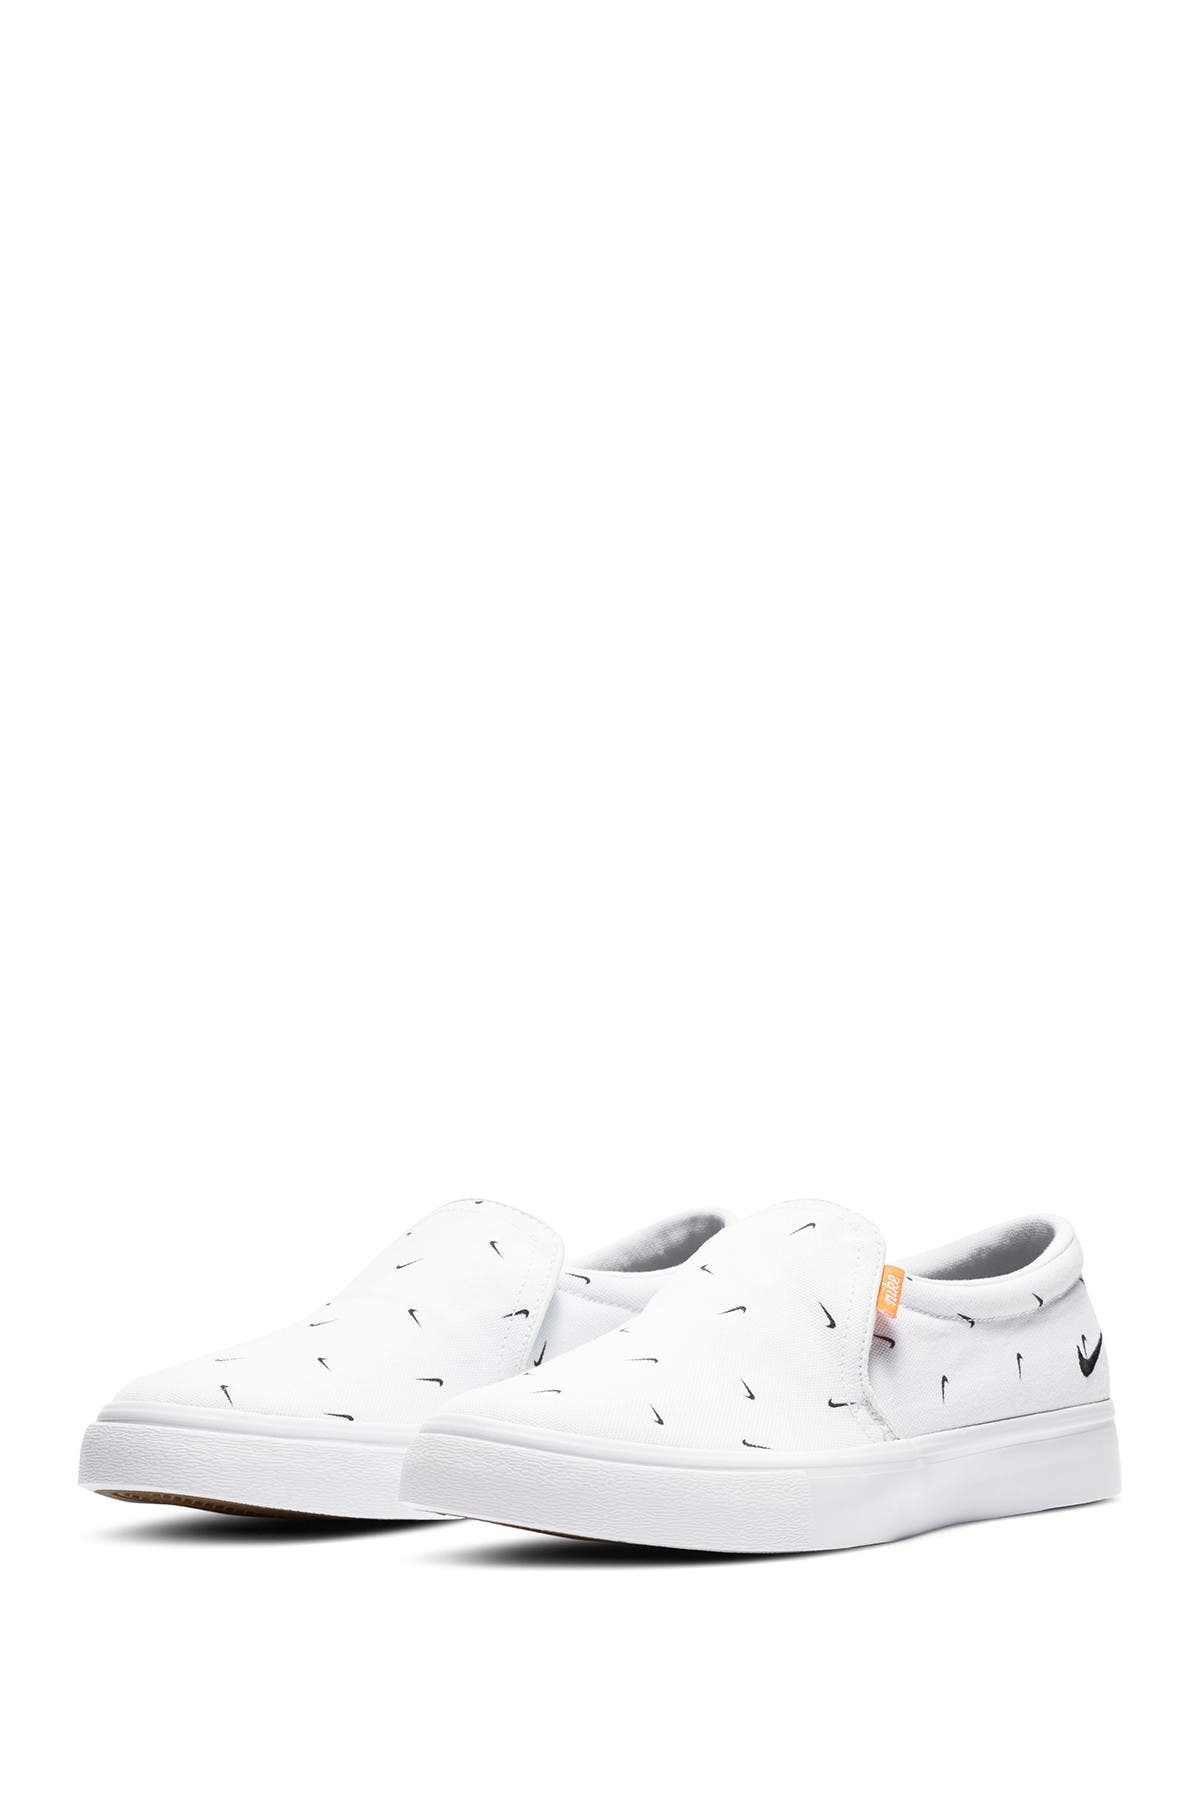 Nike | Court Royale AC Slip-On Sneaker